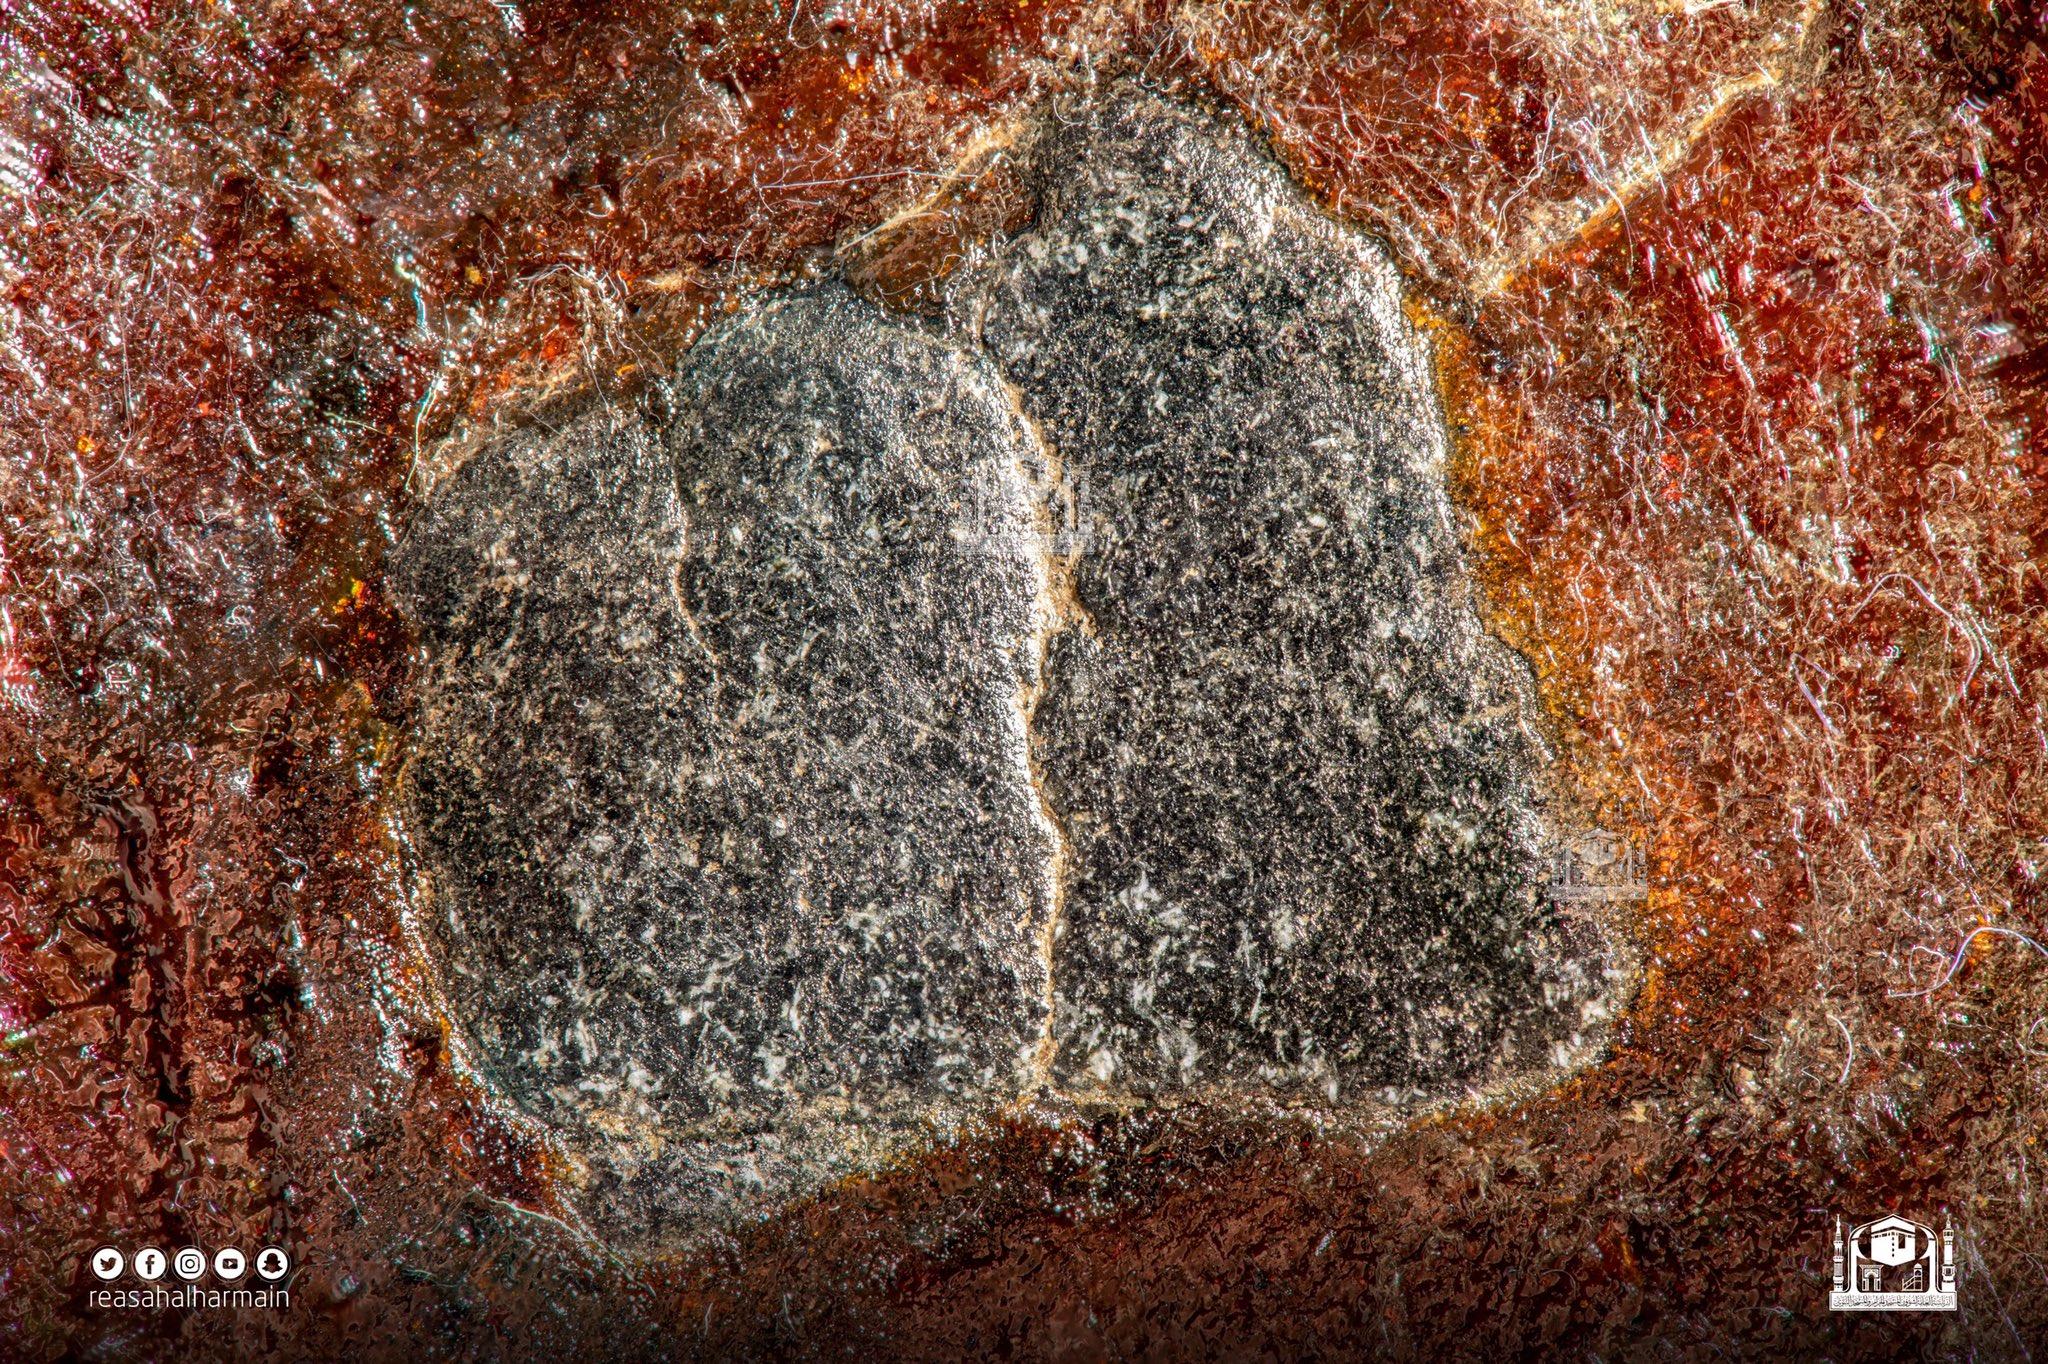 الصورة النهائية للحجر الاسود بتقنية فوكس  ستارك بانوراما